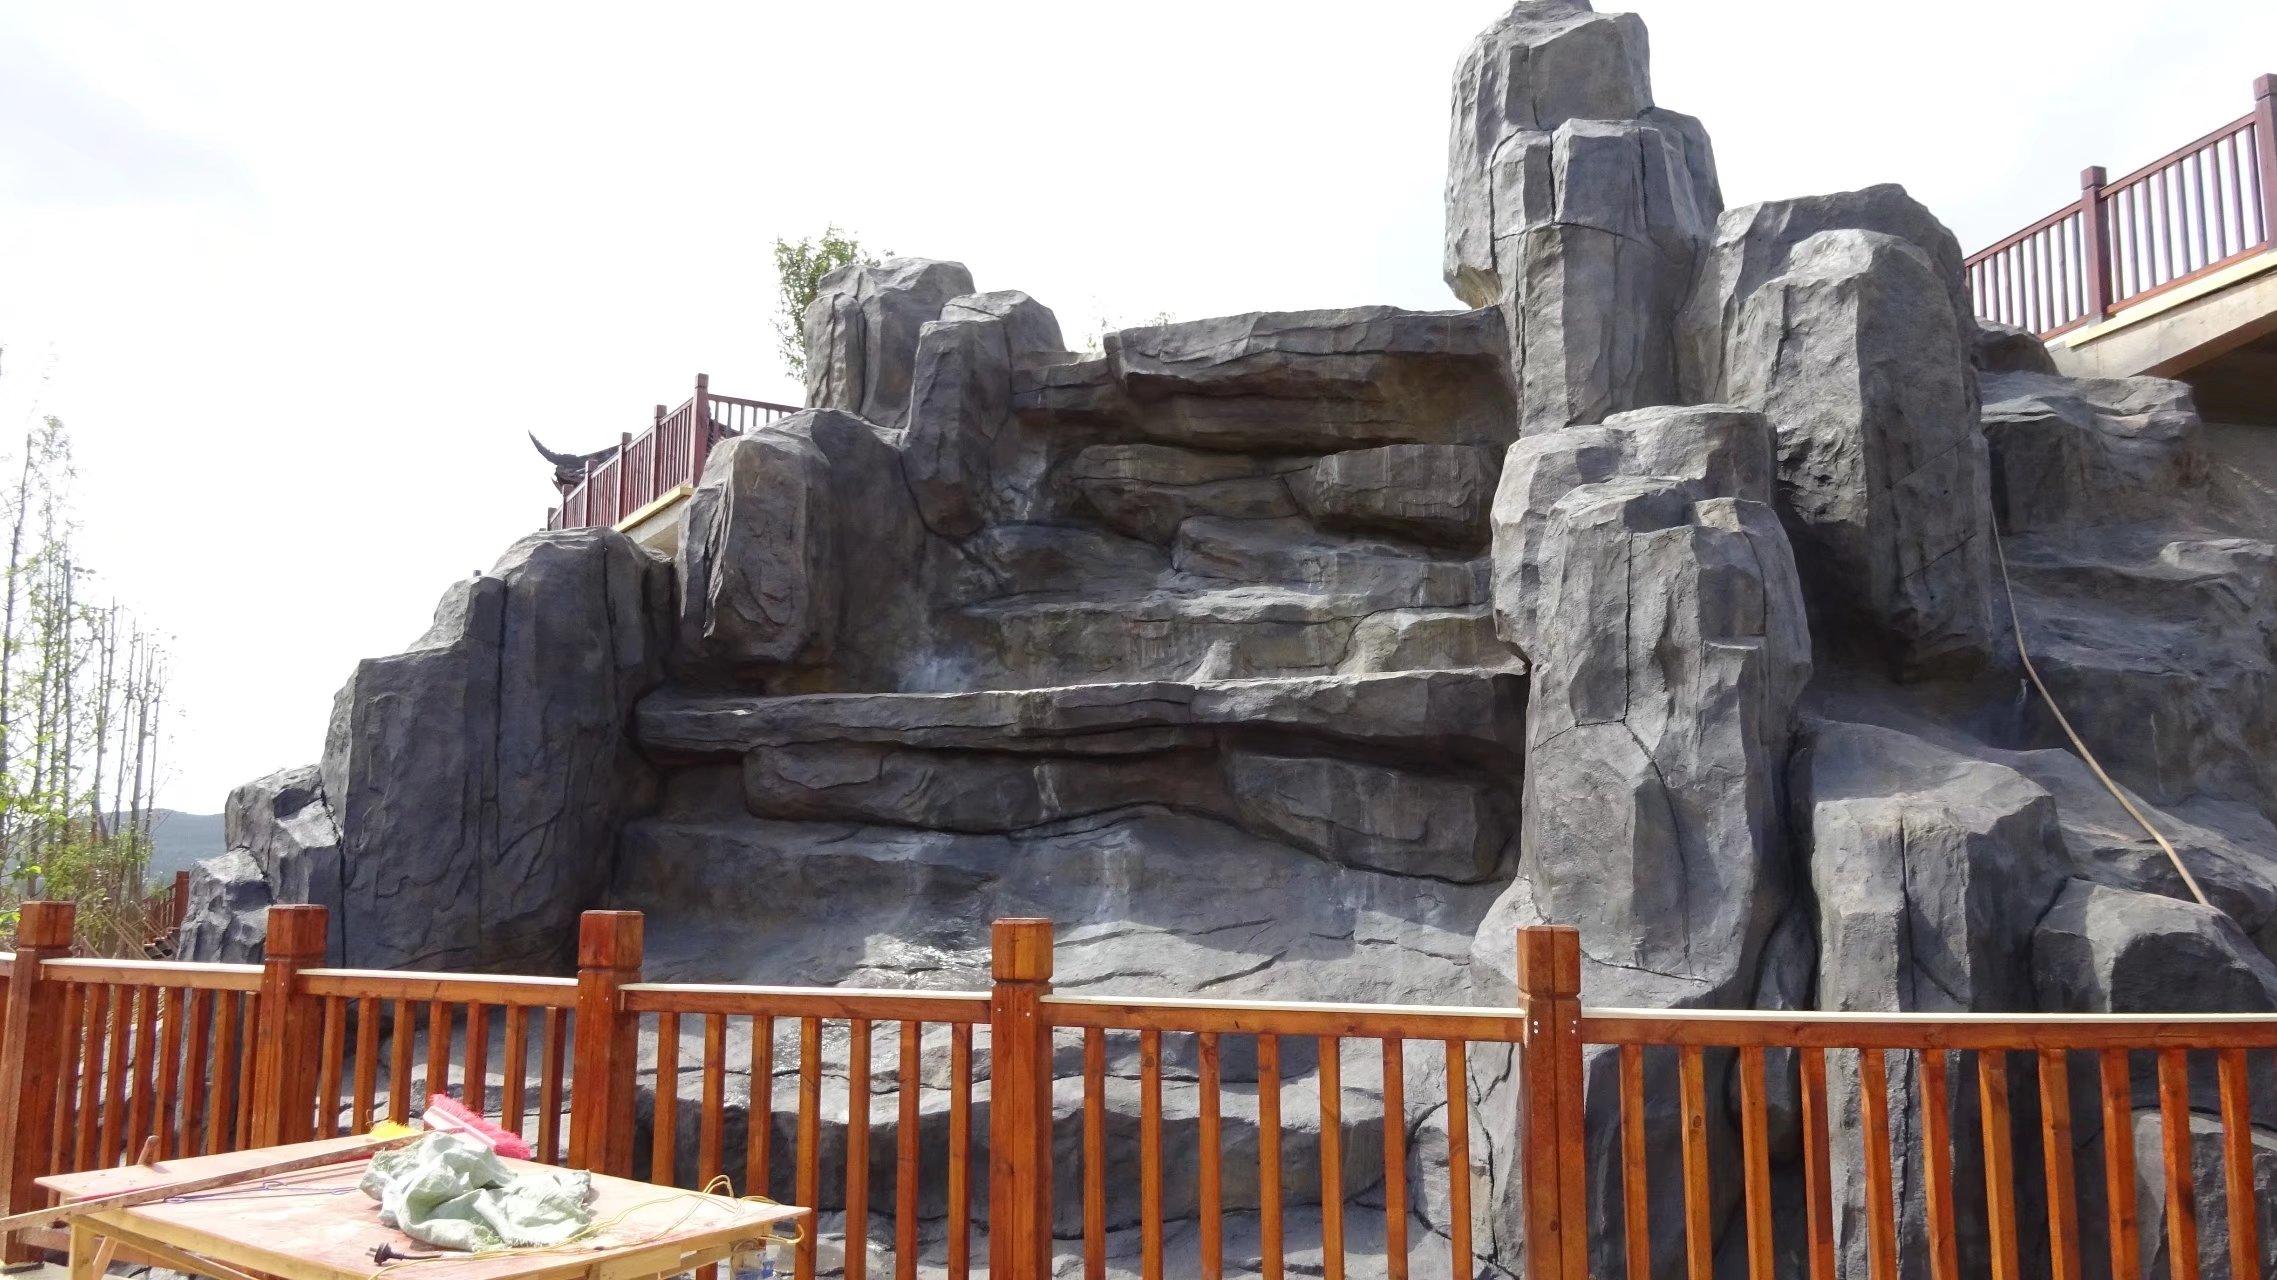 蓬安桑梓火锅公园施工进度(2018-05-10) - 第15张    蓬安在线